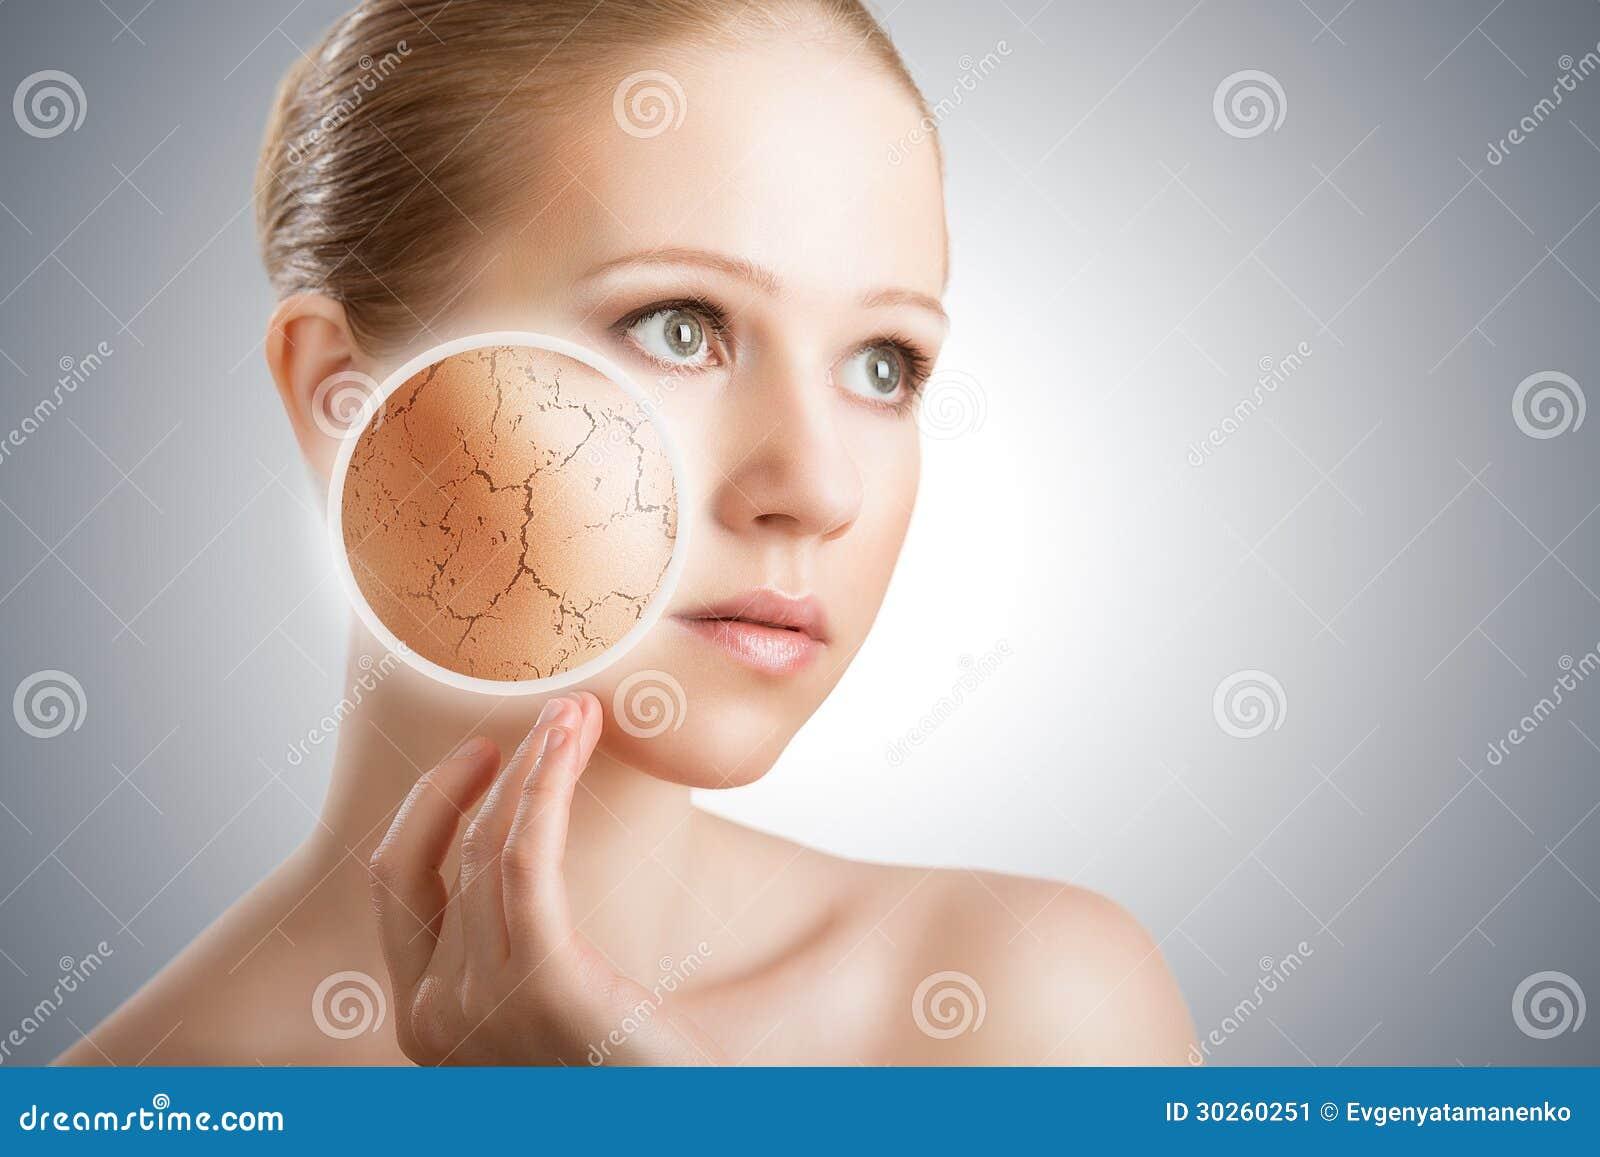 化妆护肤的概念。 少妇的面孔有干燥滑雪的